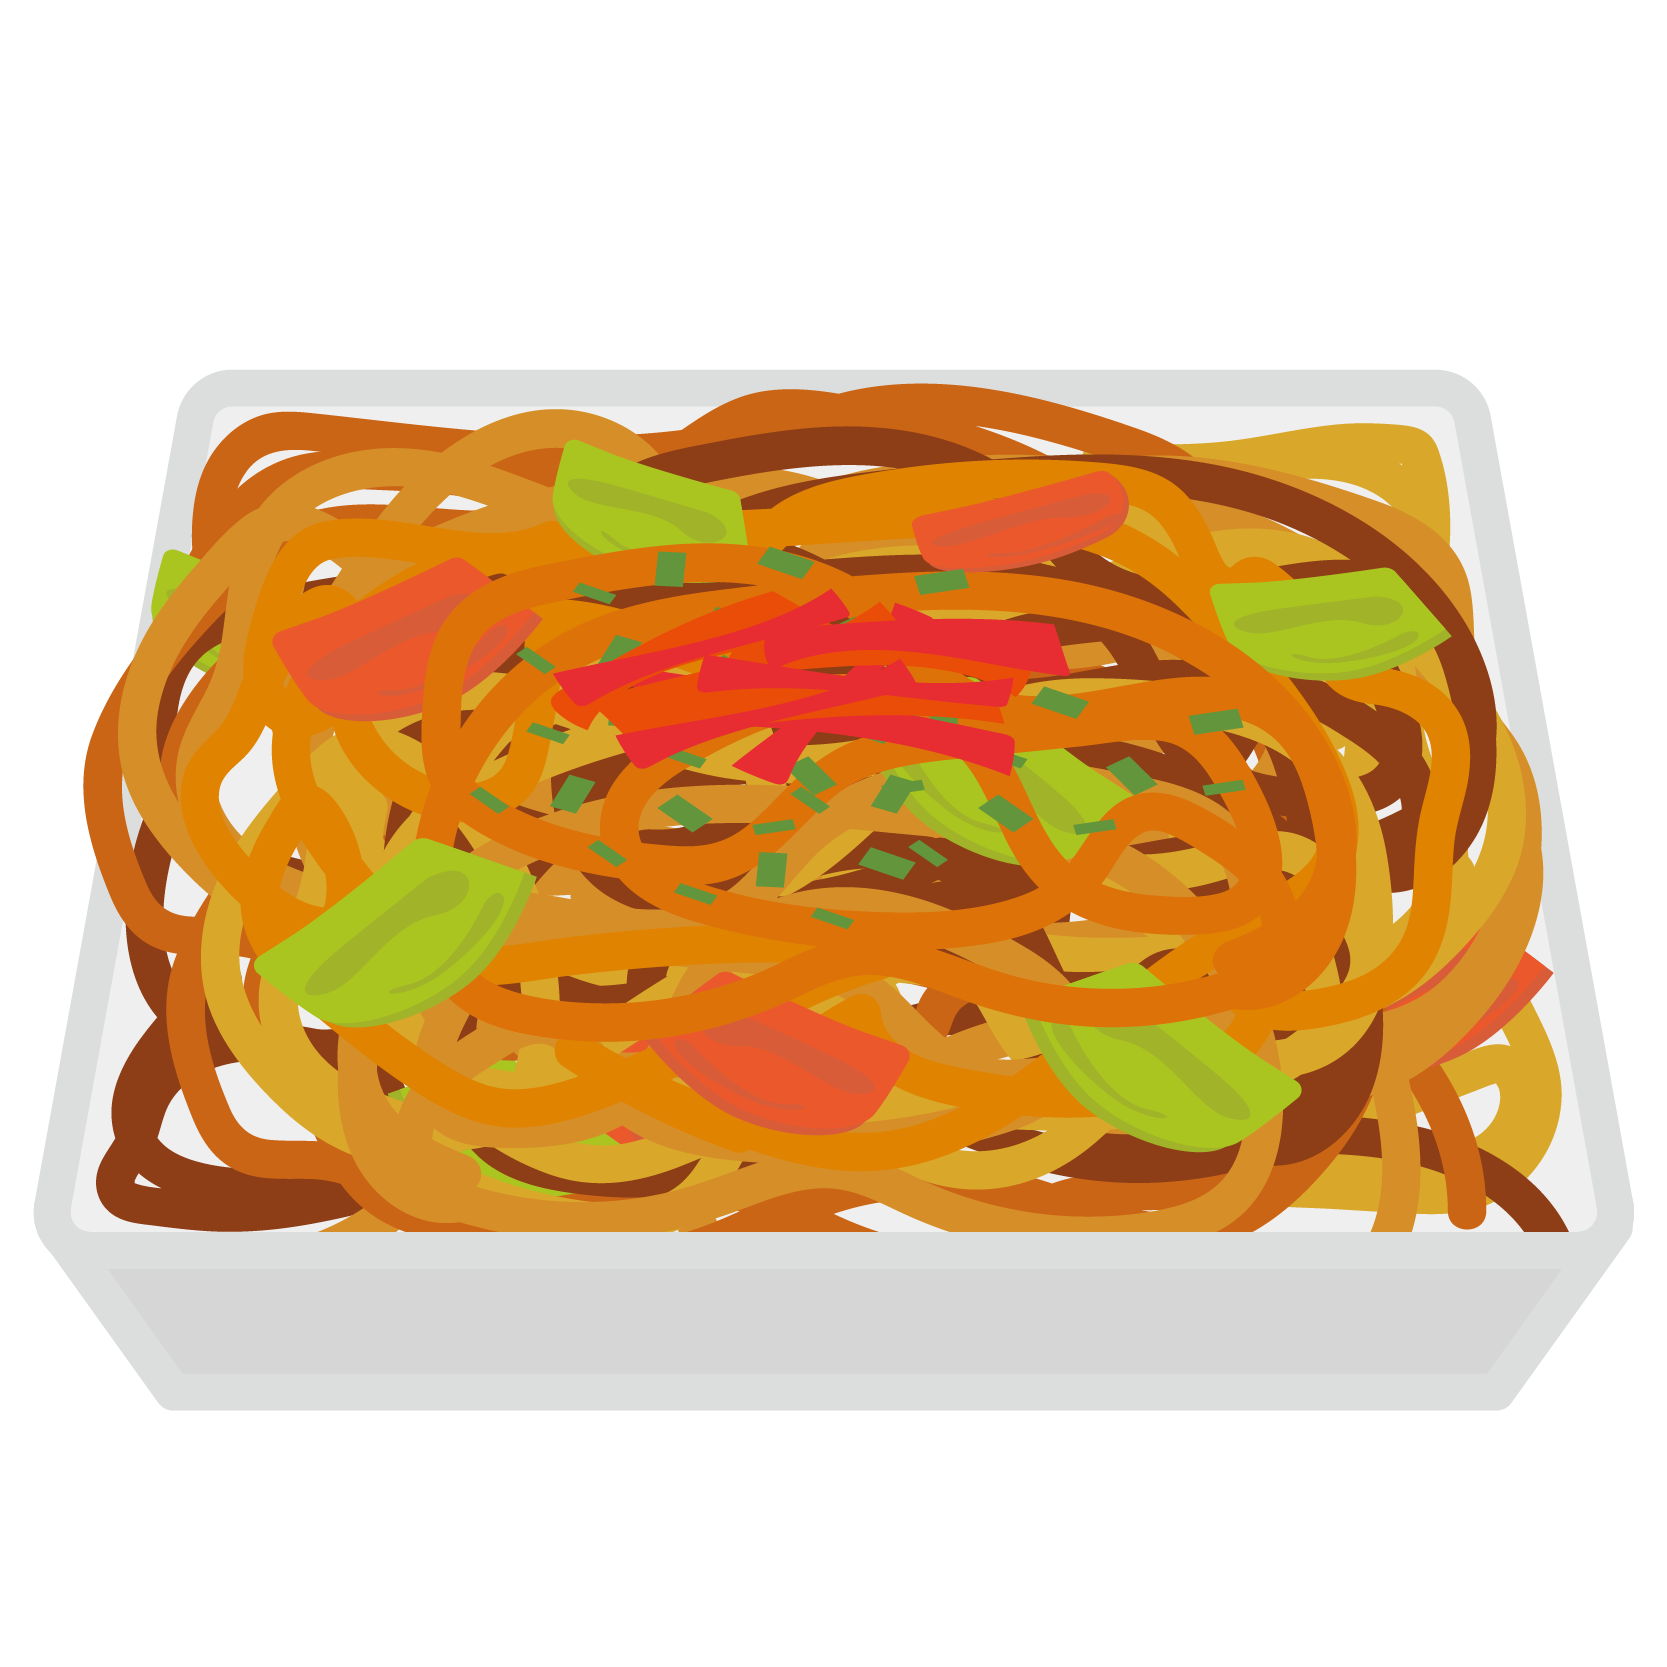 イラスト_おお祭り_焼きそば_食べ物_夏